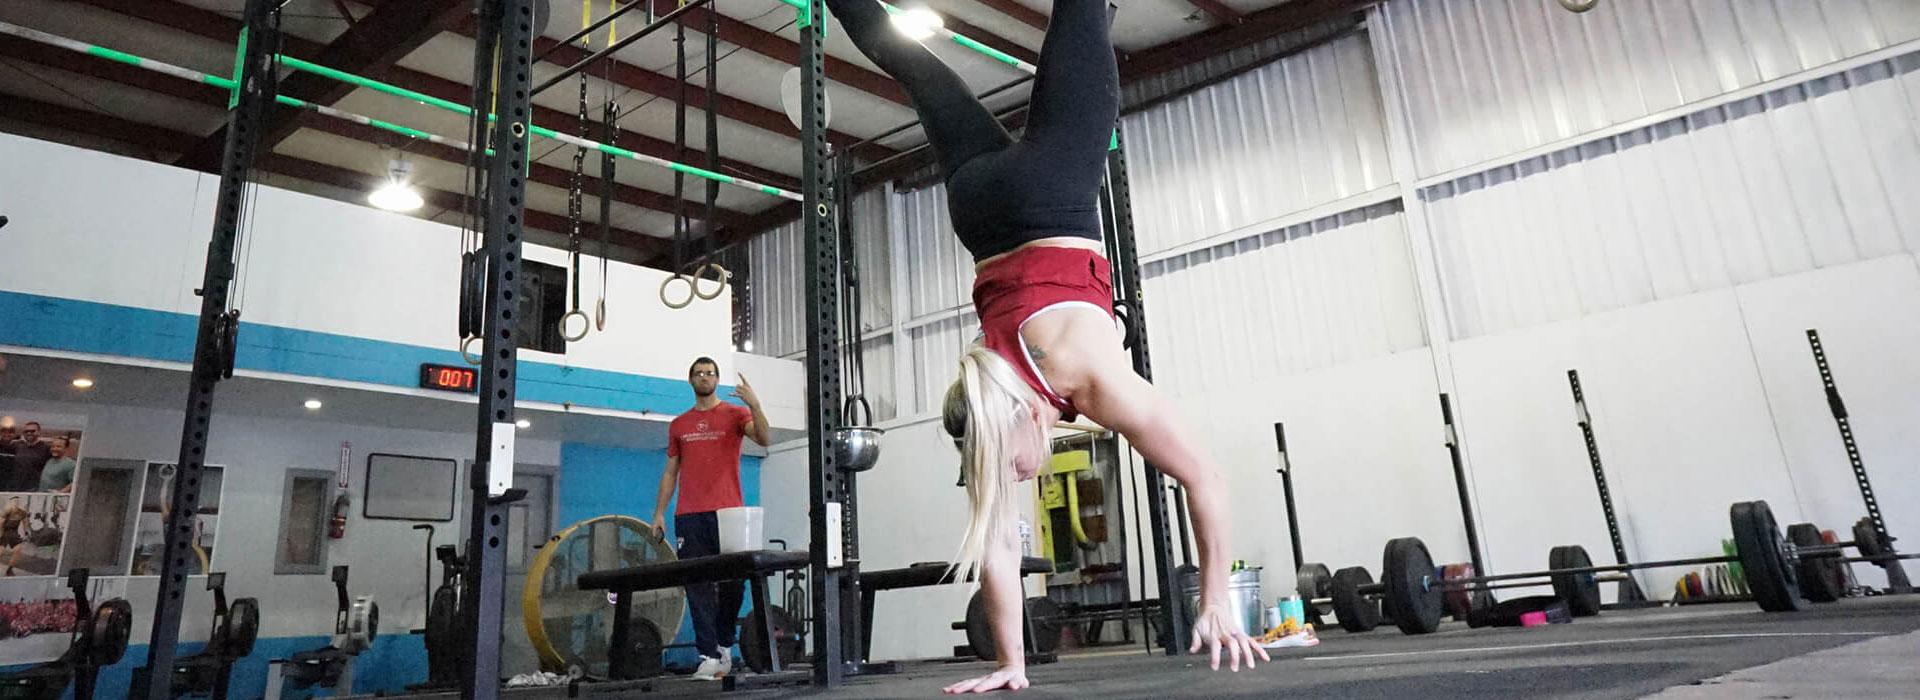 Fitness Gym in Odessa FL, Fitness Gym near Odessa FL, Fitness Gym near Tampa FL